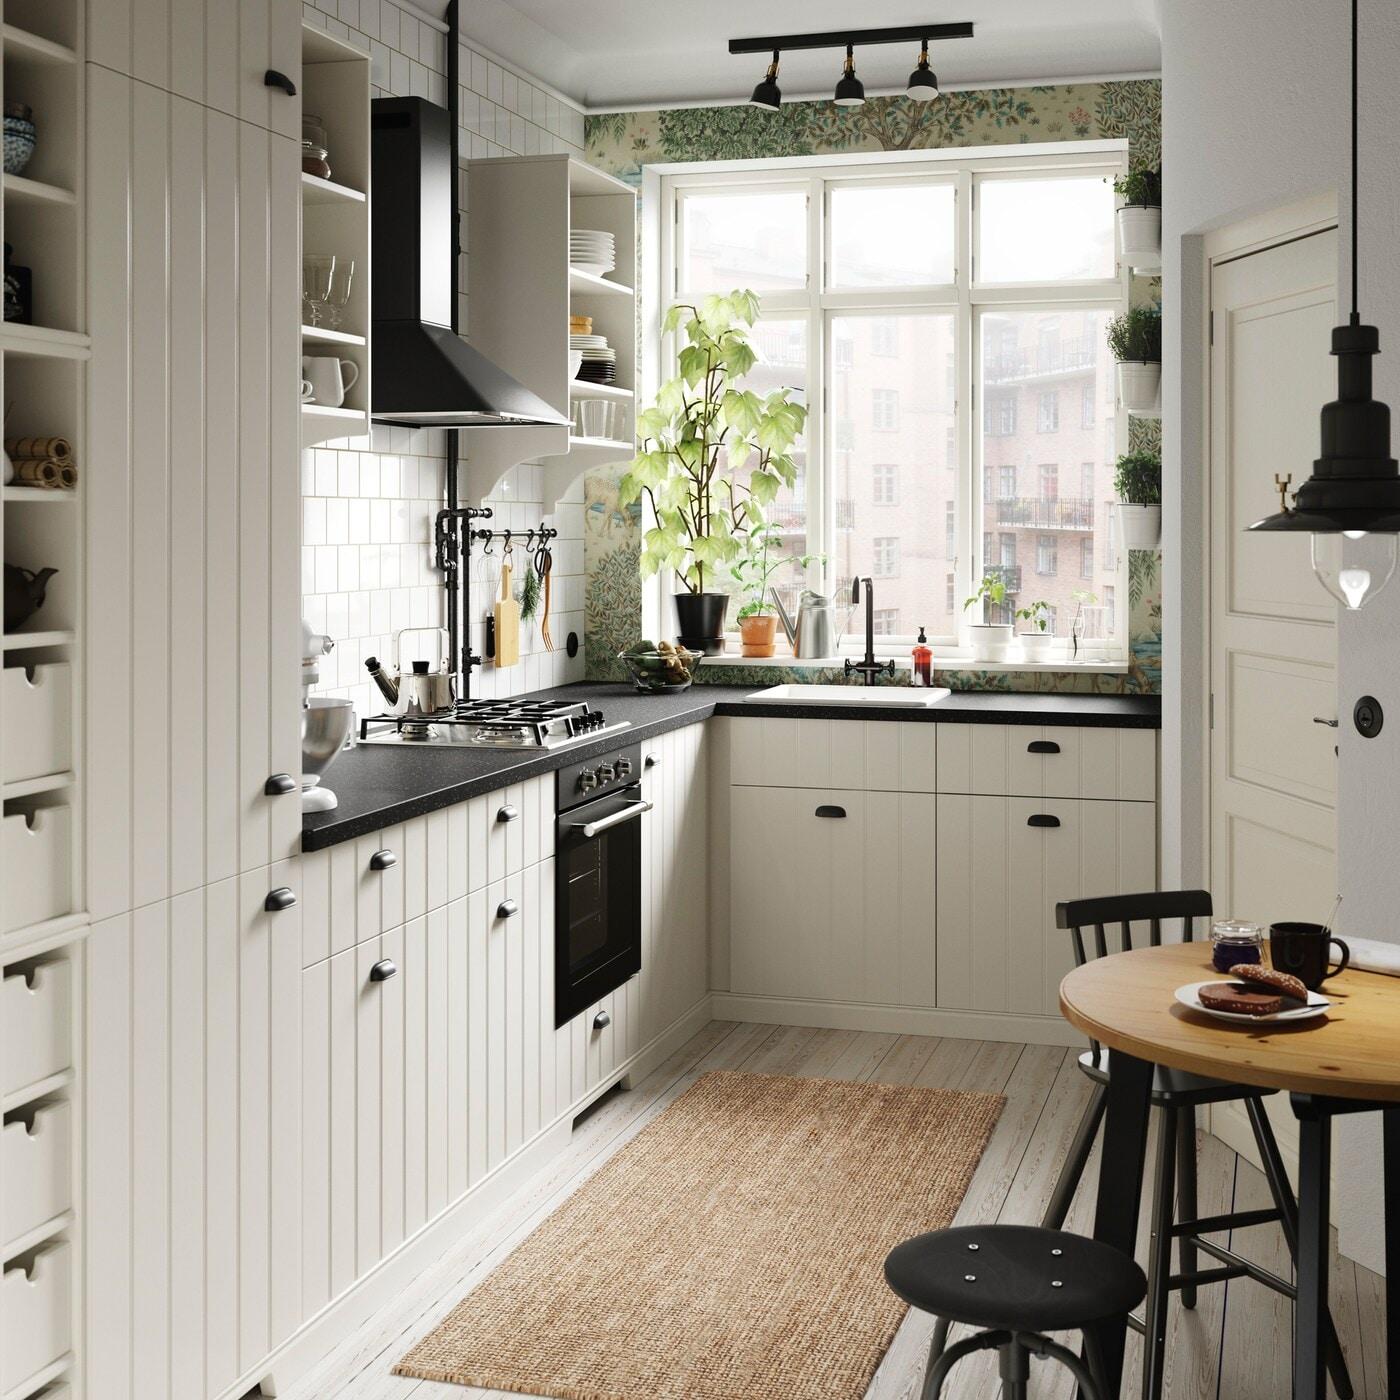 Colonna Dispensa Cucina Ikea mobili per cucina ed elettrodomestici - ikea